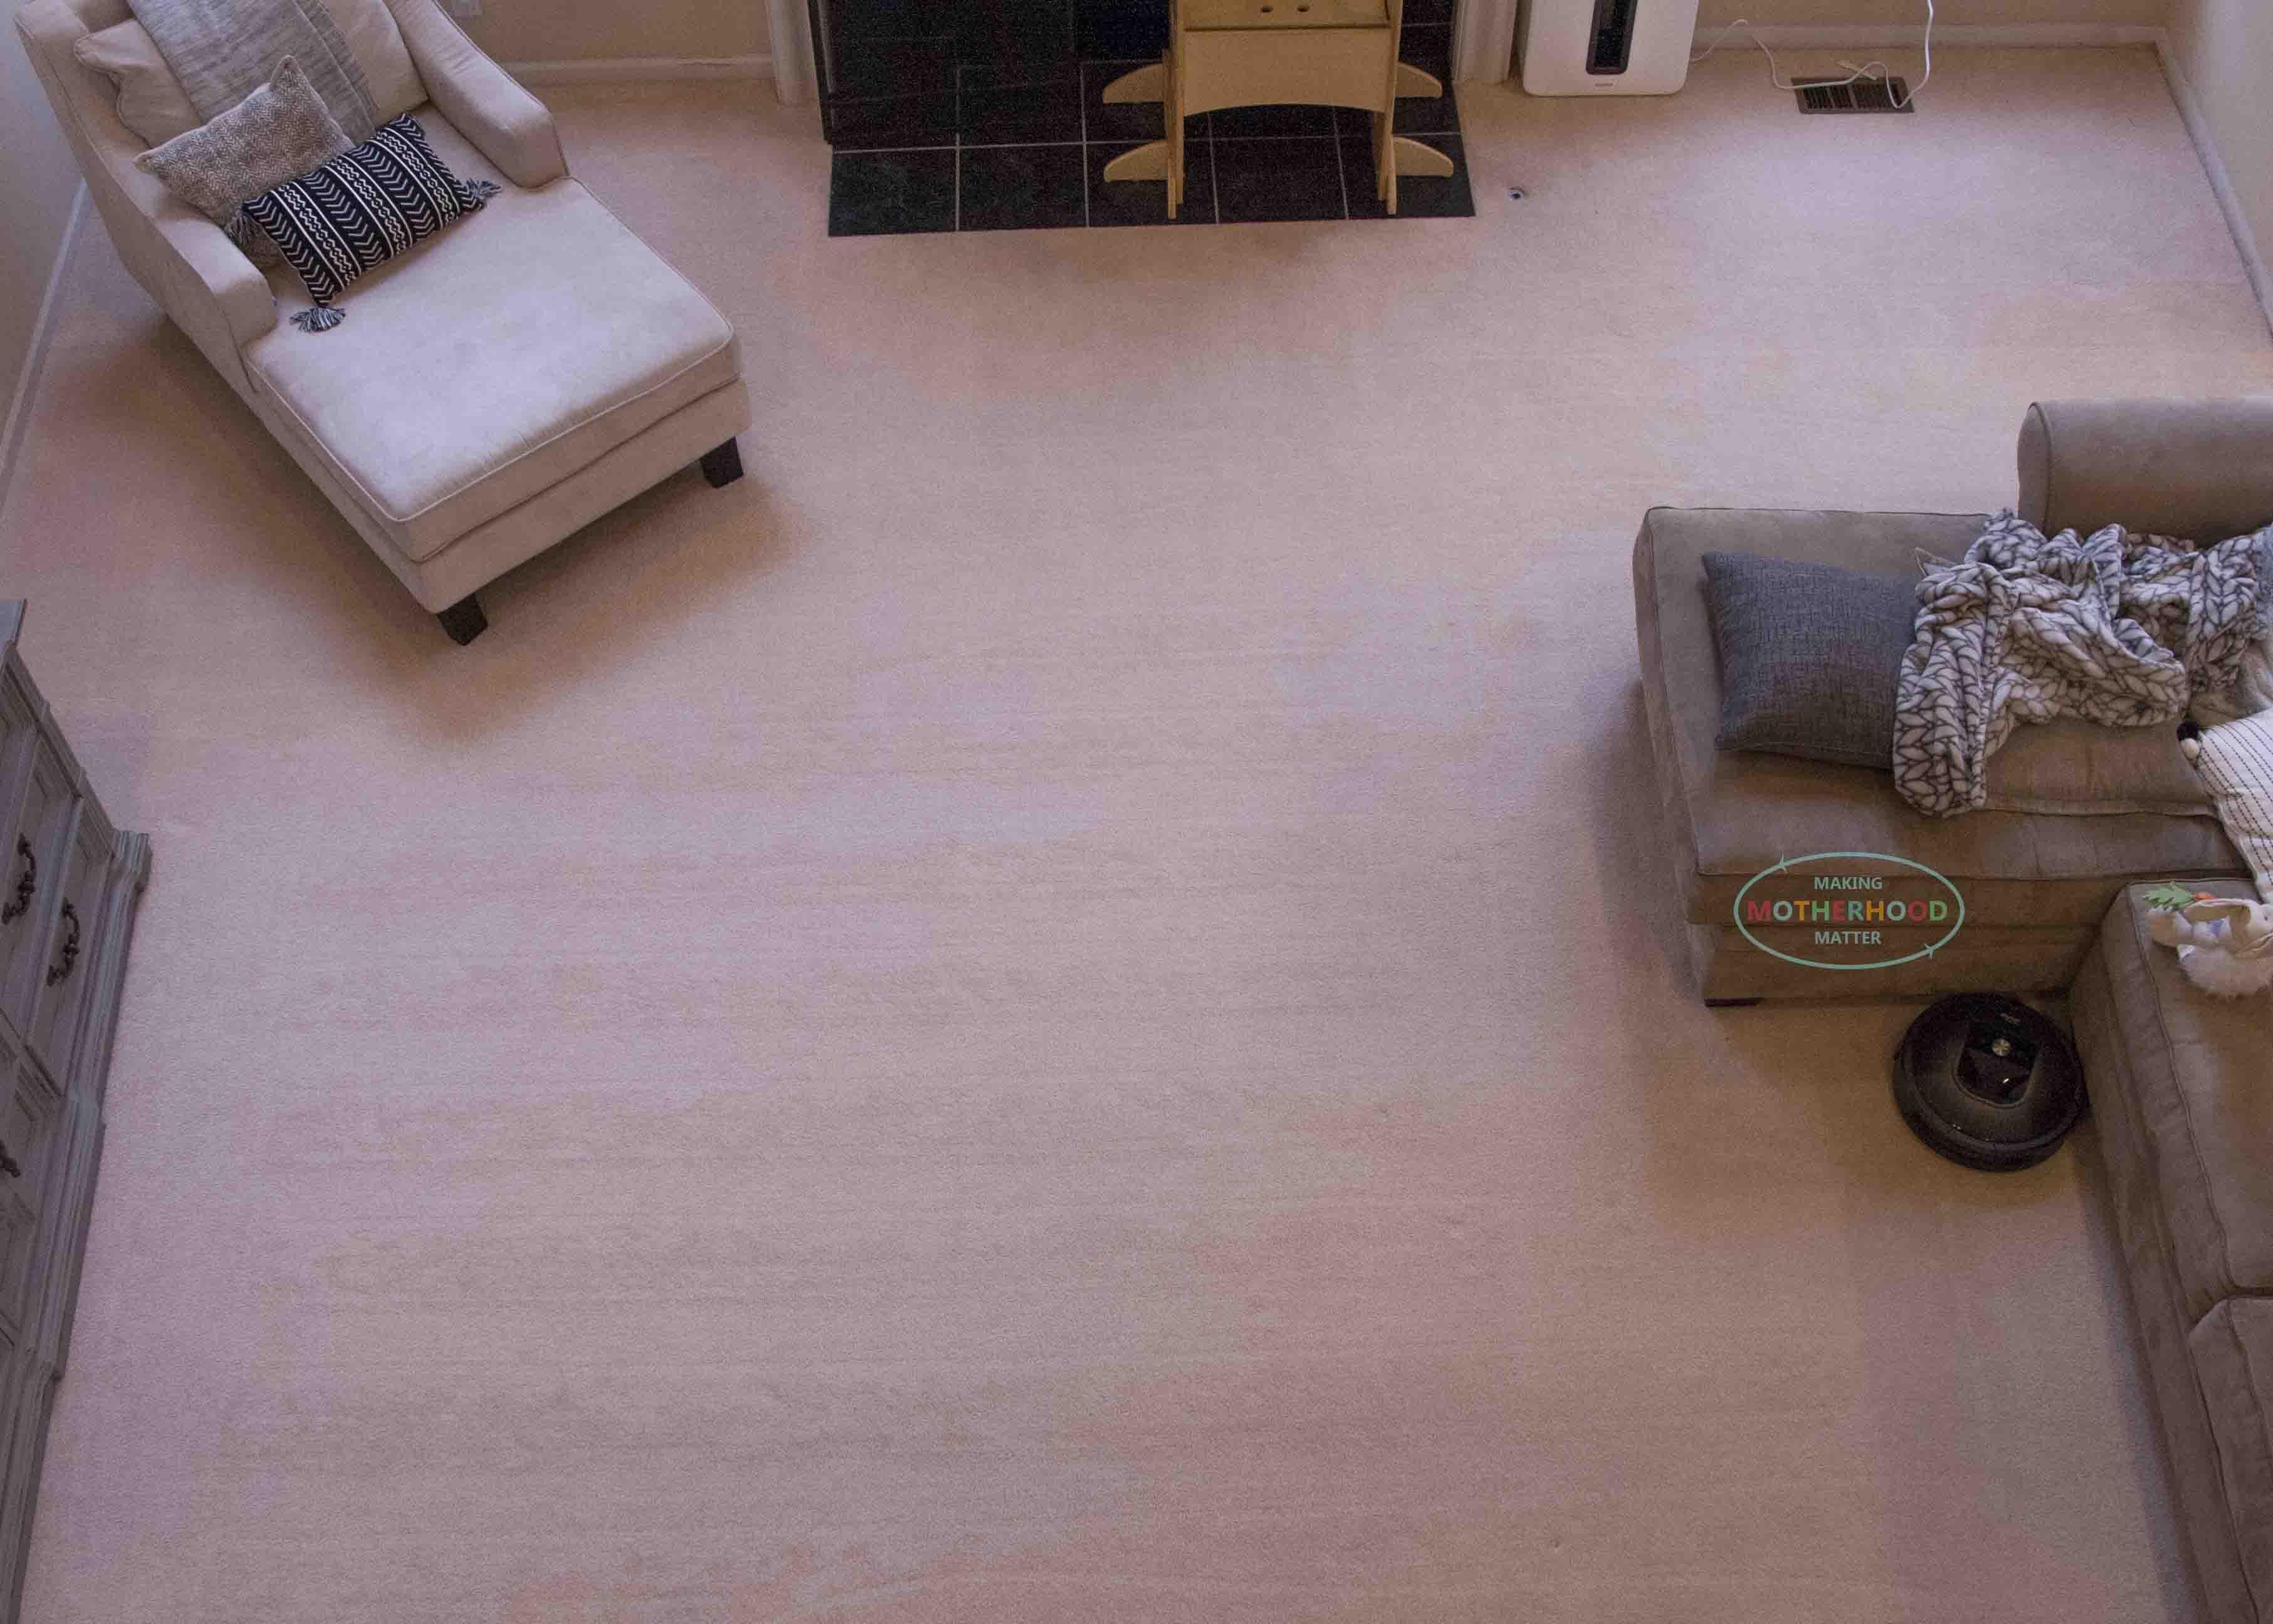 do robot vacuums work